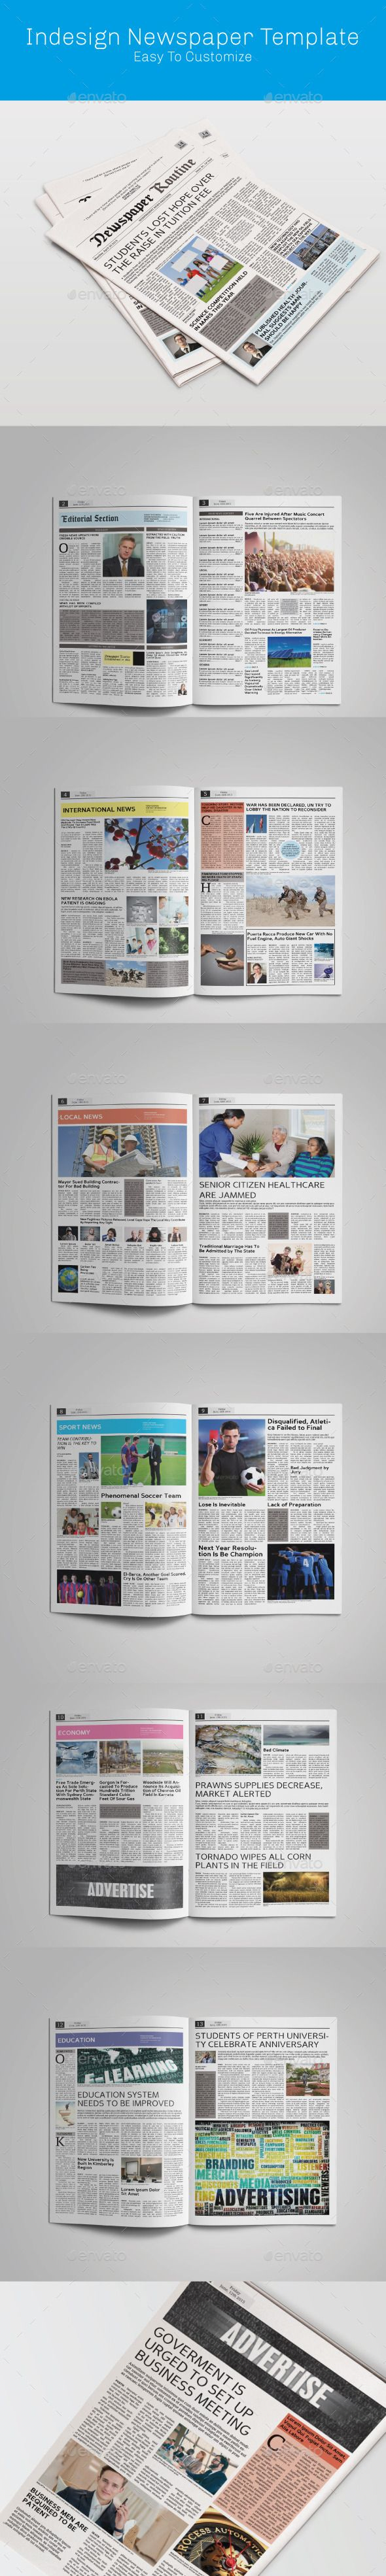 47 best Newsletter Template images on Pinterest | Newsletter ...